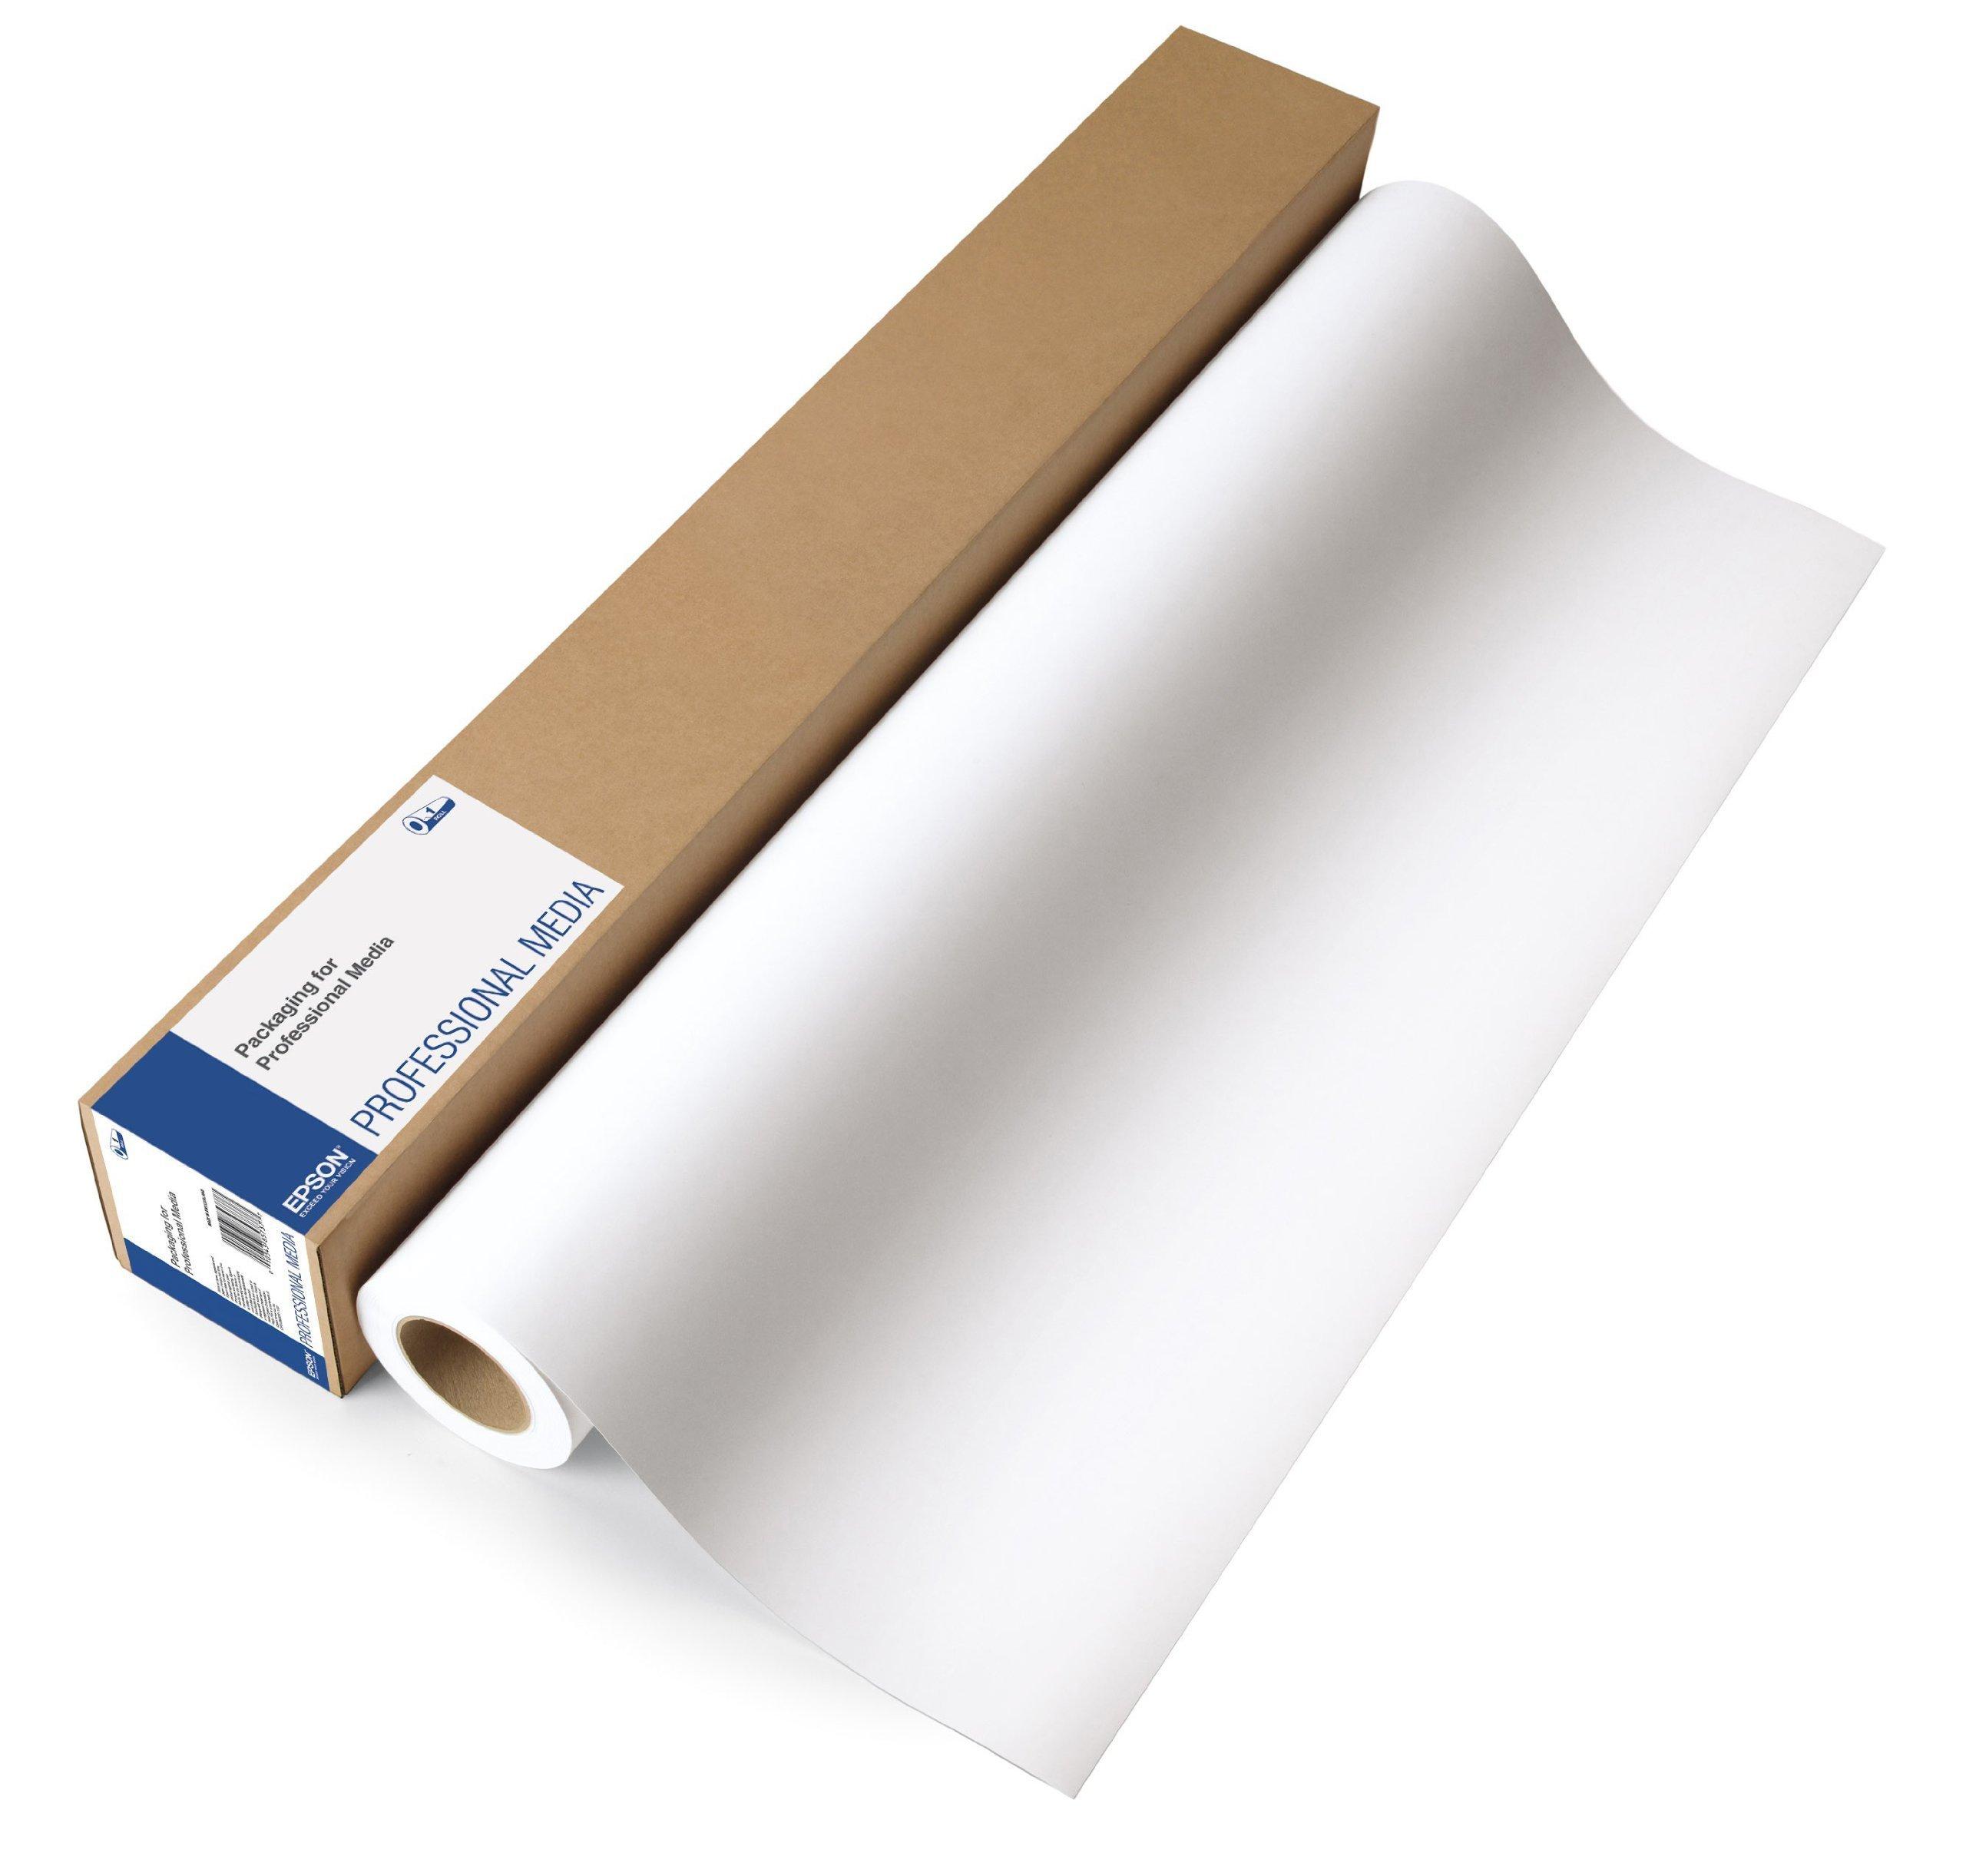 Epson S041408 Epson Inkjet Ultra Premium Luster Photo Paper, 8.3'' x 32.8ft. Roll